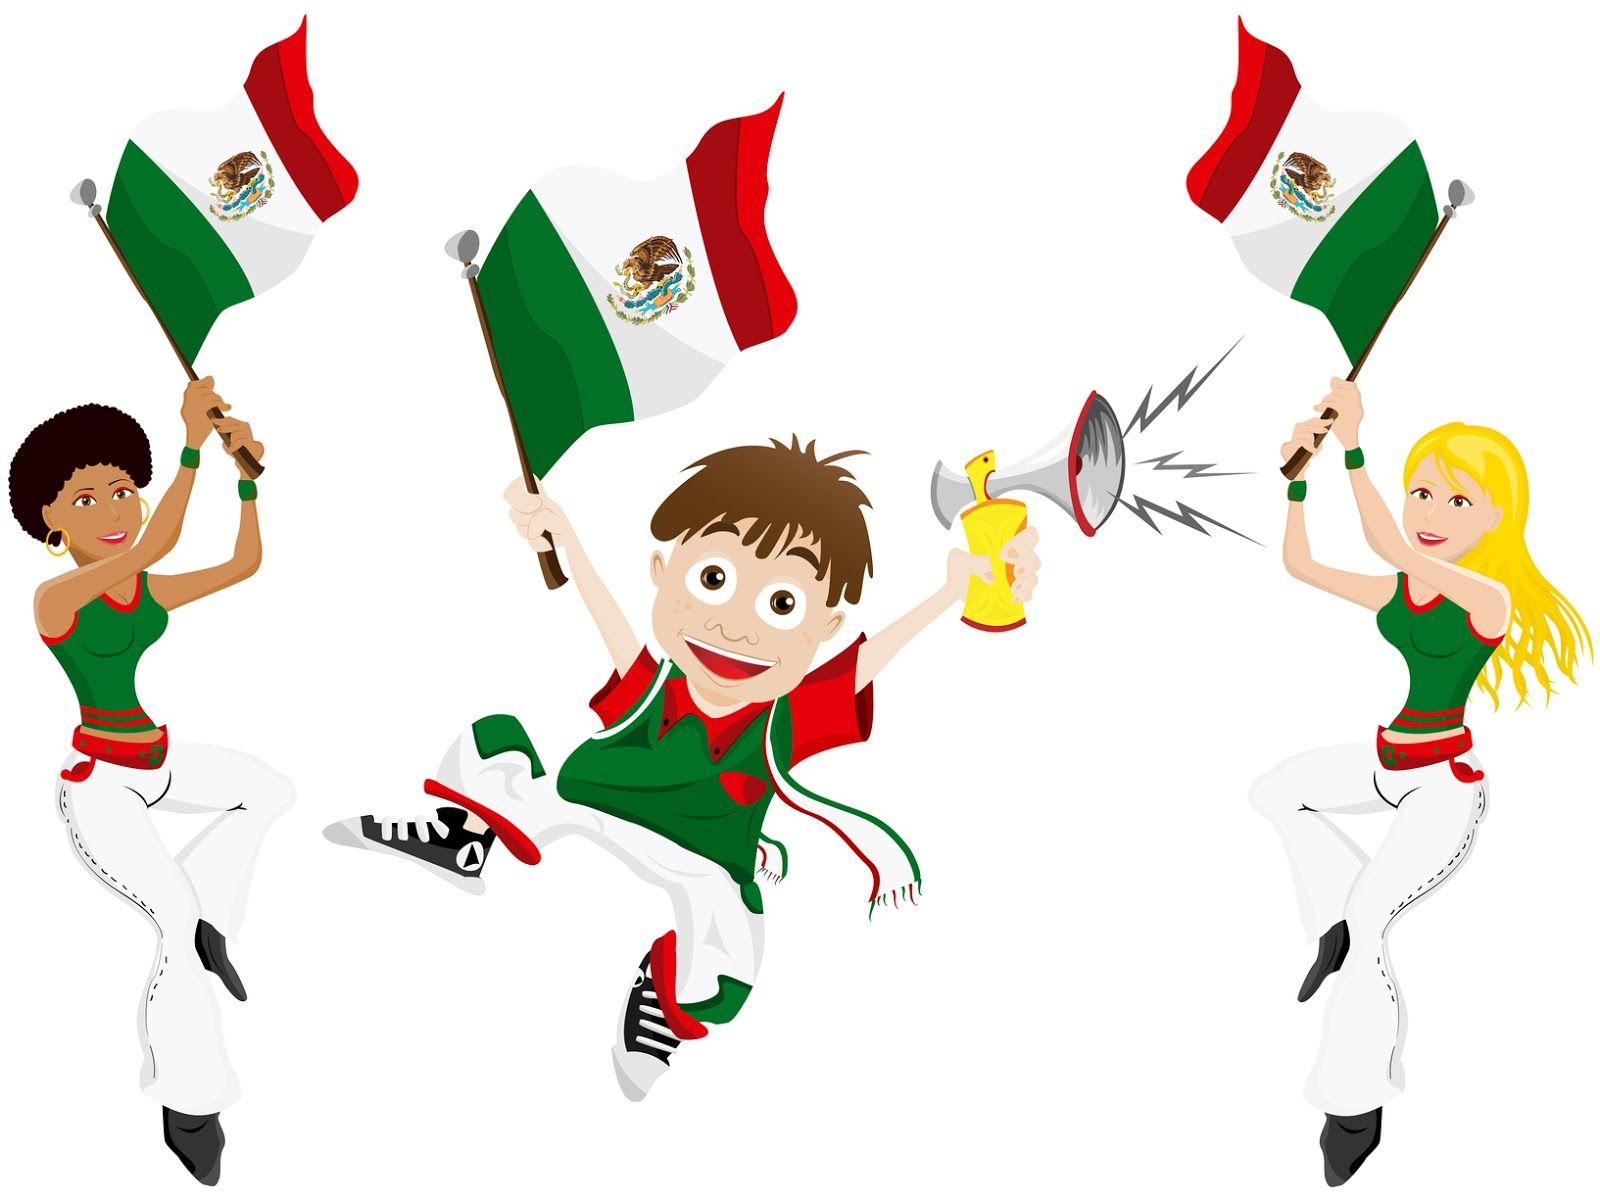 Imagenes+del+Dia+de+la+Independencia+Mexico+16+de+septiembre+ ...